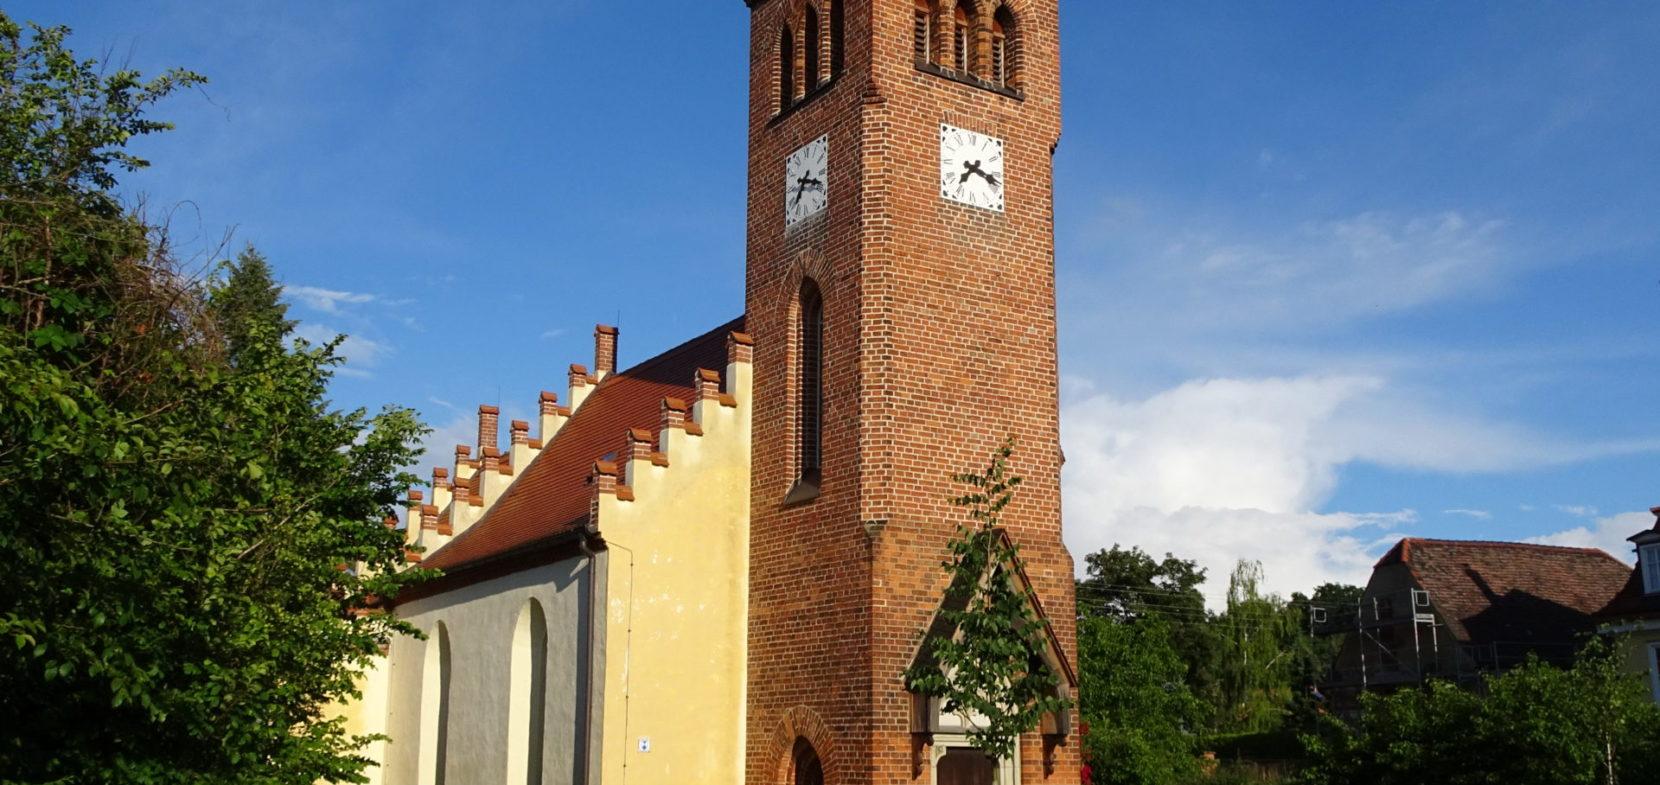 Schloßkirche Lützschena